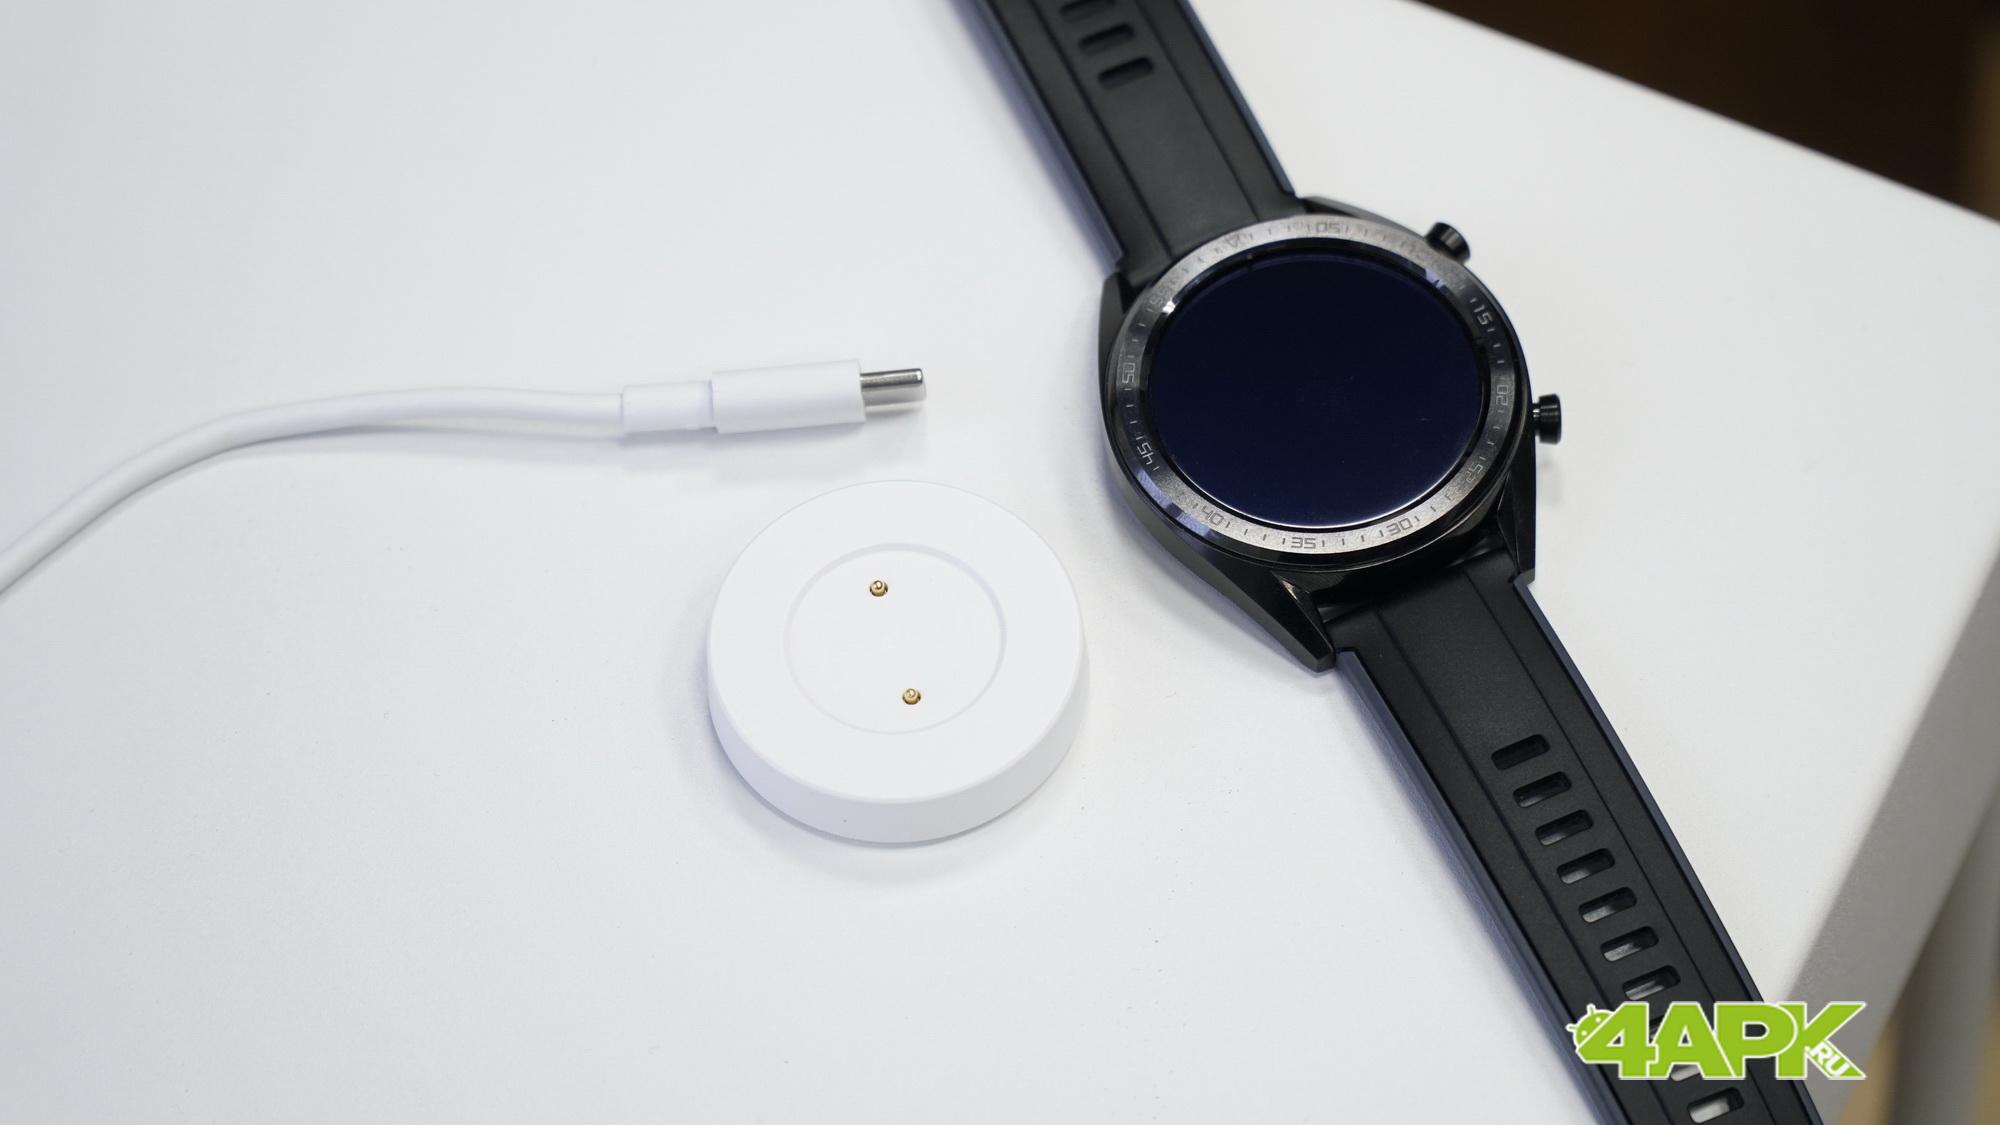 Обзор Band 3 Pro и Huawei Watch GT Huawei  - huawei_watch_band_13